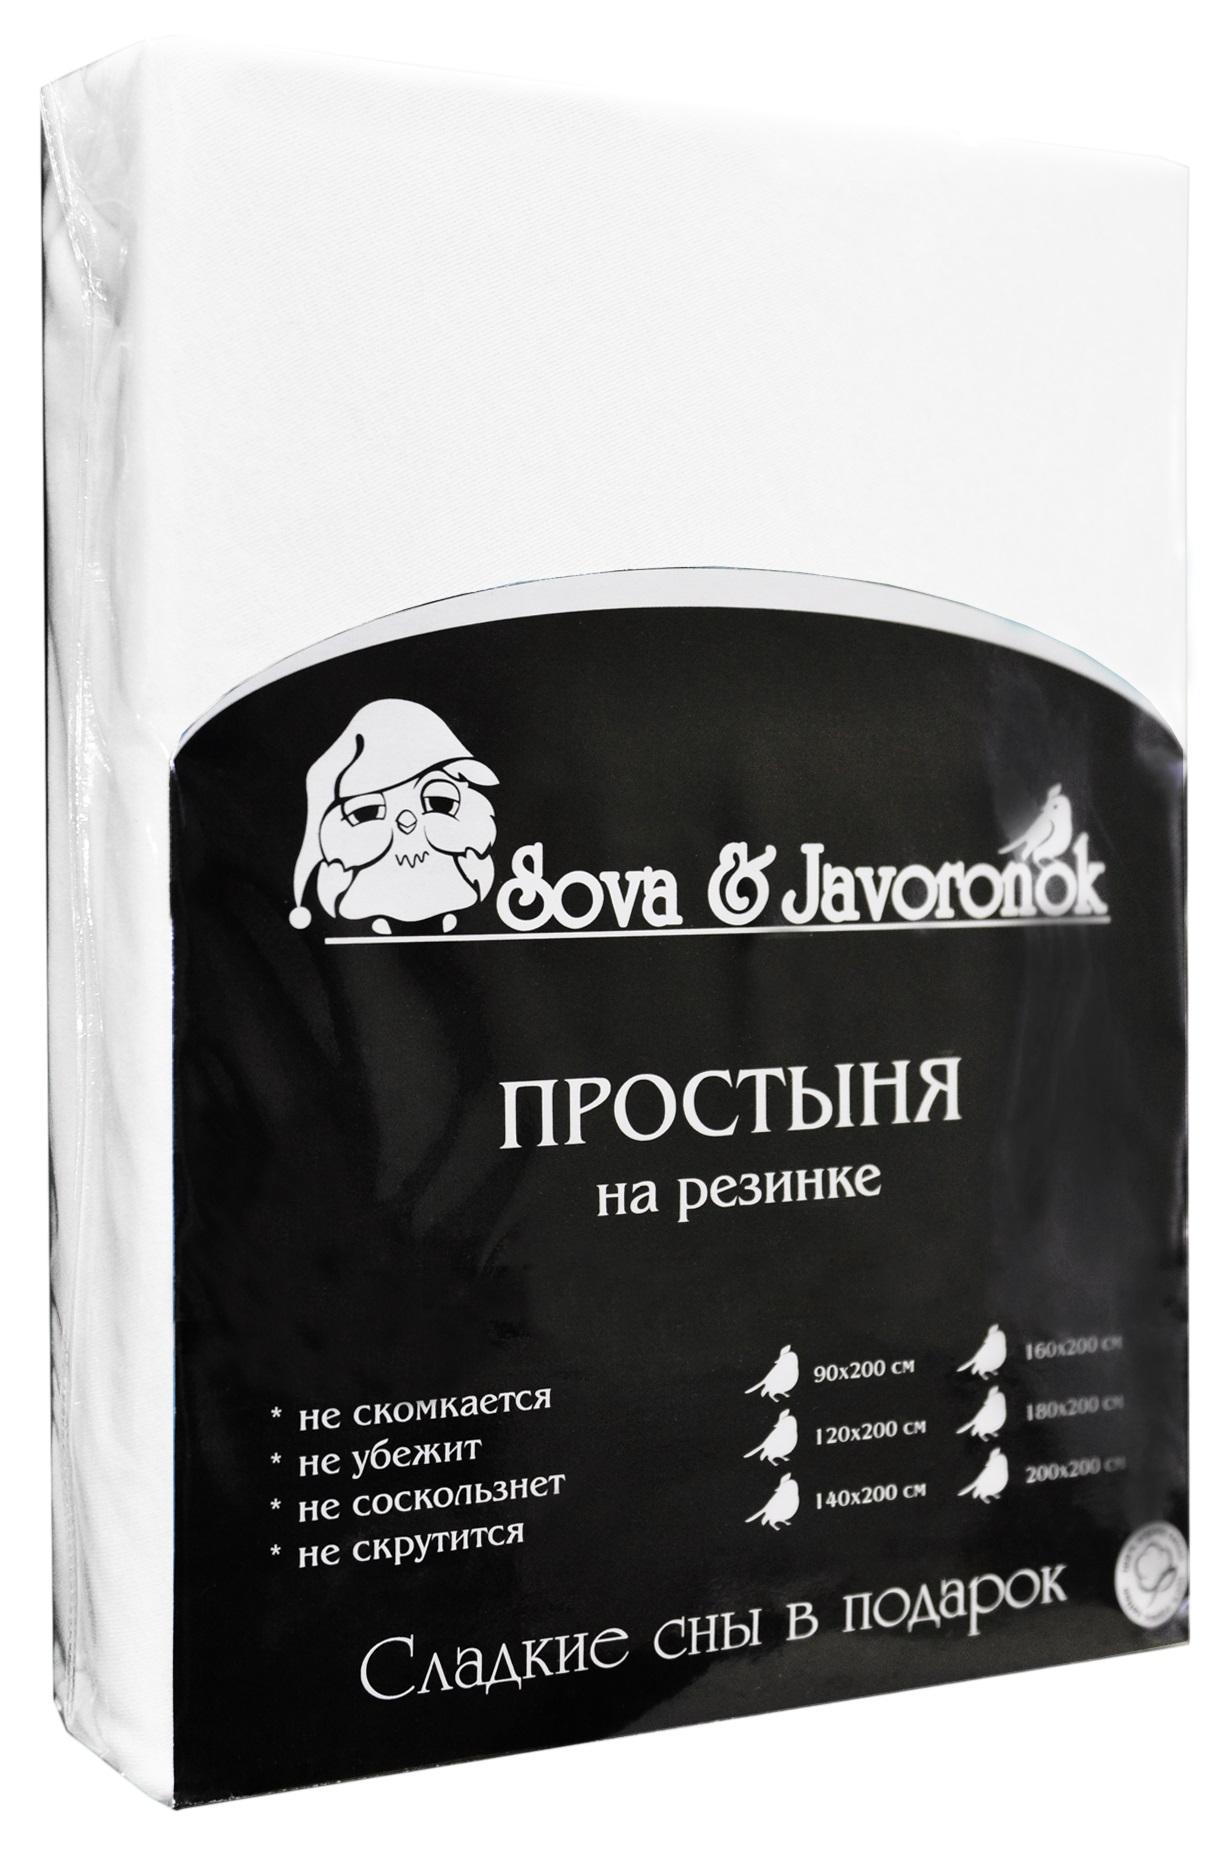 Простыня на резинке Sova & Javoronok, цвет: белый, 90 х 200 см0803113928Простыня на резинке Sova & Javoronok, изготовленная из трикотажной ткани (100% хлопок), будет превосходно смотреться с любыми комплектами белья. Хлопчатобумажный трикотаж по праву считается одним из самых качественных, прочных и при этом приятных на ощупь. Его гигиеничность позволяет использовать простыню и в детских комнатах, к тому же 100%-ый хлопок в составе ткани не вызовет аллергии. У трикотажного полотна очень интересная структура, немного рыхлая за счет отсутствия плотного переплетения нитей и наличия особых петель, благодаря этому простыня Сова и Жаворонок отлично пропускает воздух и способствует его постоянной циркуляции. Поэтому ваша постель будет всегда оставаться свежей. Но главное и, пожалуй, самое известное свойство трикотажа - это его великолепная растяжимость, поэтому эта ткань и была выбрана для натяжной простыни на резинке. Простыня прошита резинкой по всему периметру, что обеспечивает более комфортный отдых, так как она прочно удерживается на матрасе и...